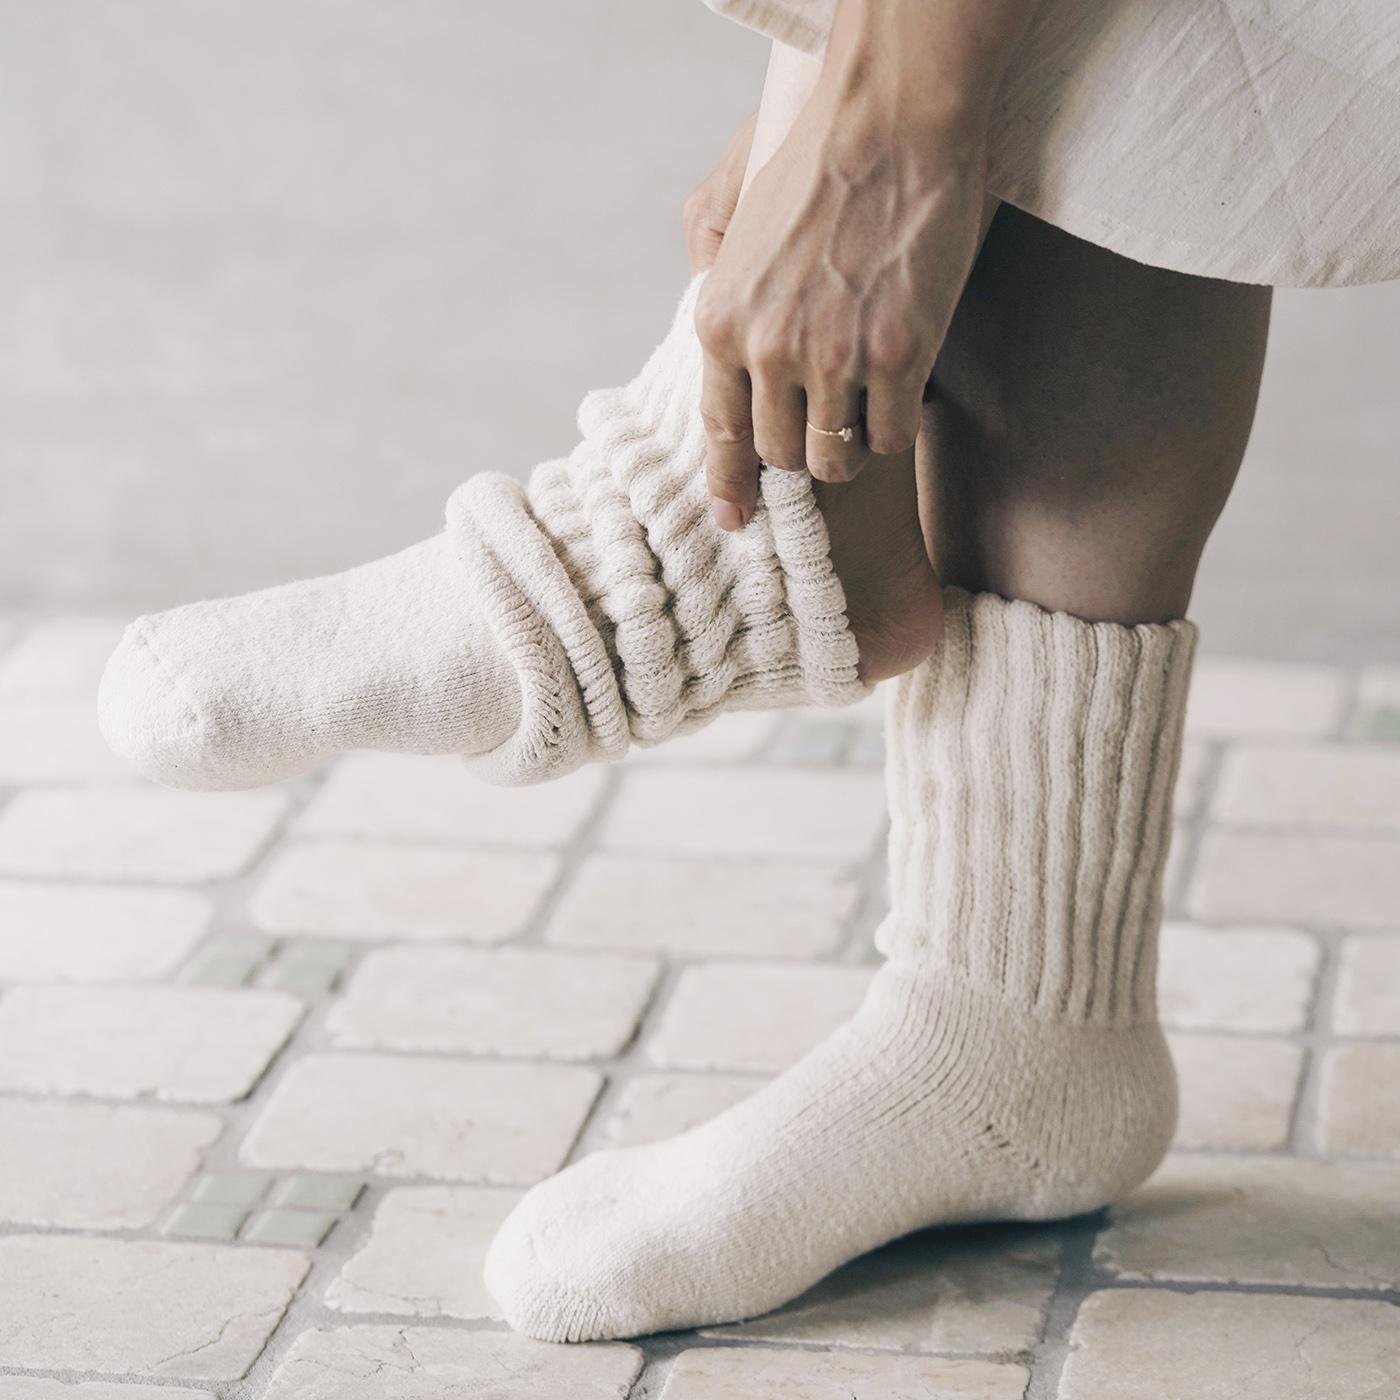 蒸れにくく快適!コットン製でこんなにも温かいなんて!|ガラ紡のくつろぎ靴下